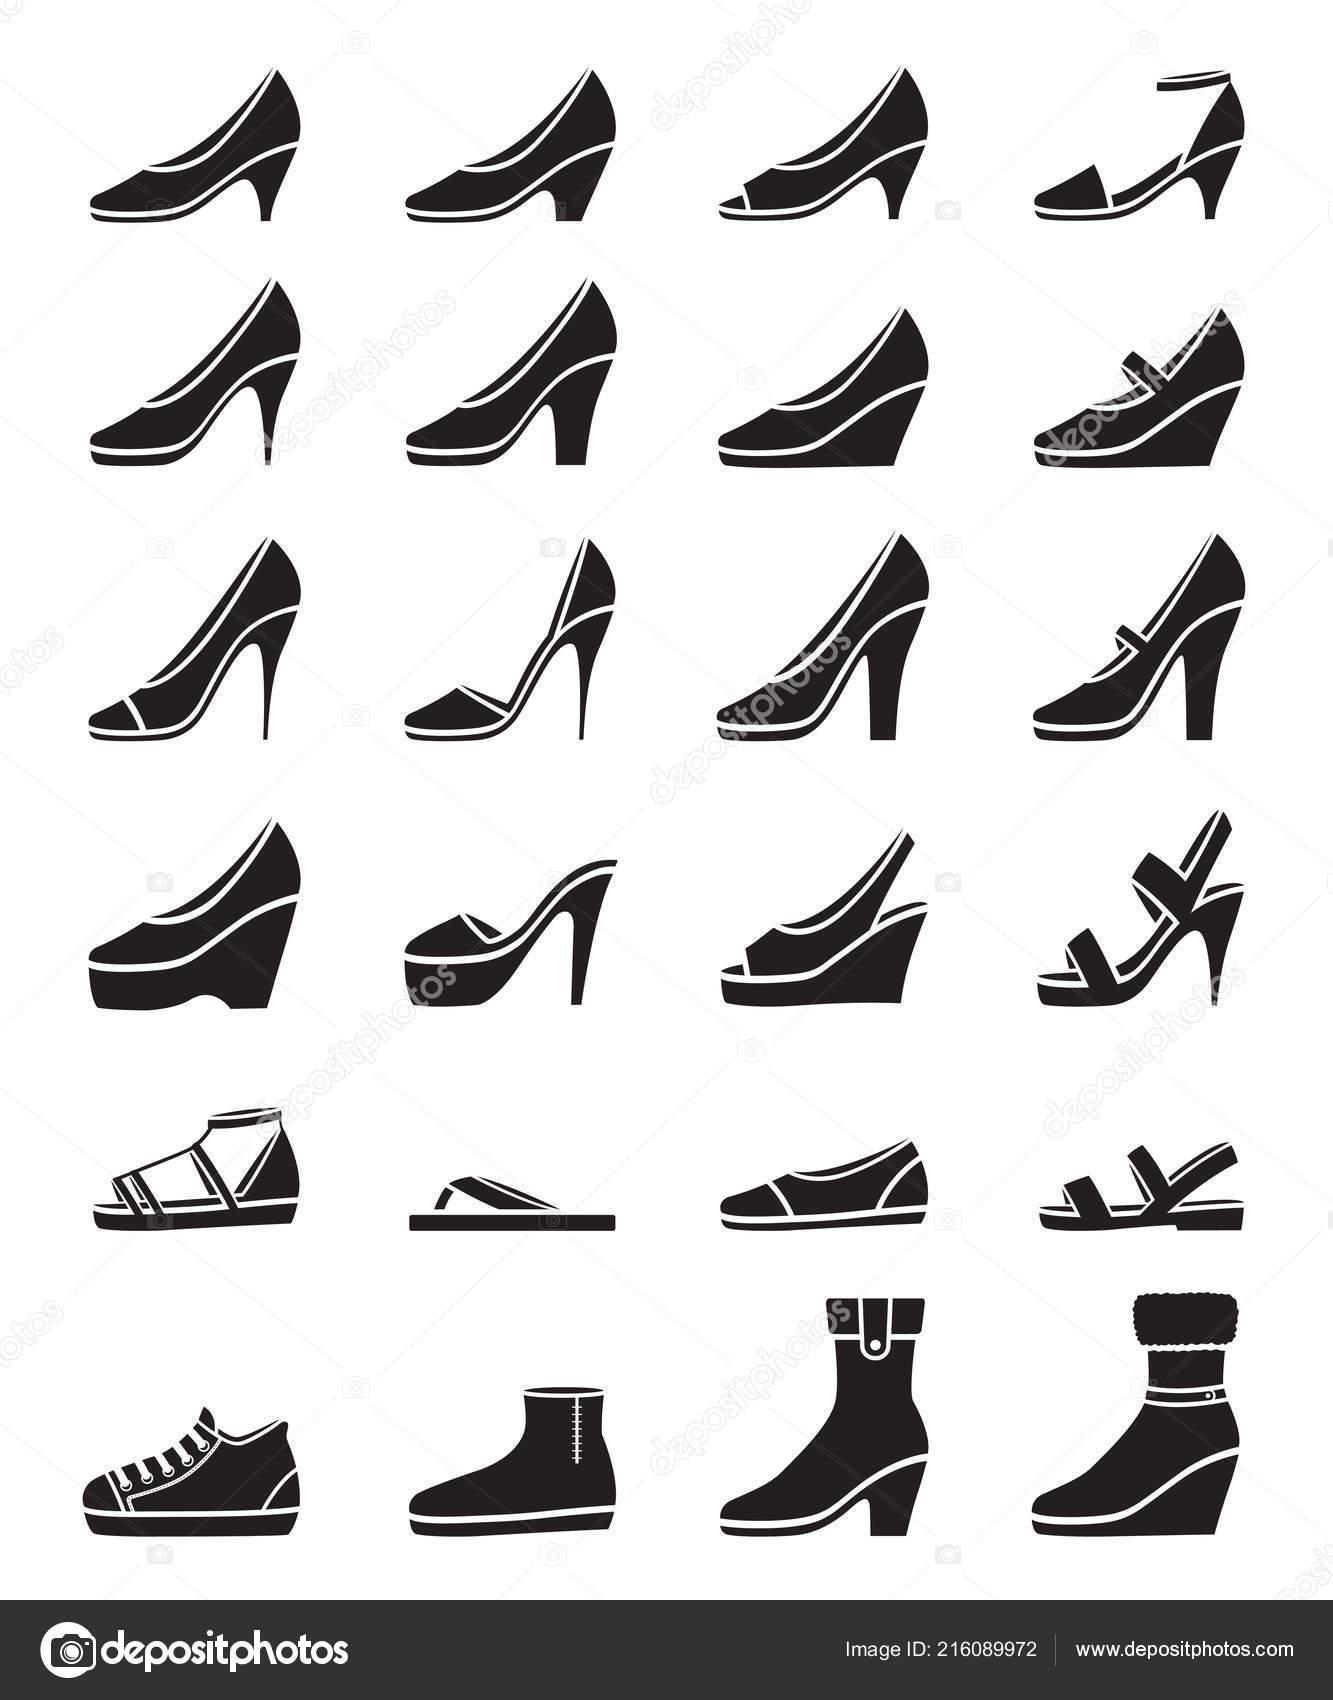 1ad9ea3aa Conjunto Diferentes Tipos Zapatos Mujer Monocromo Vista Lateral ...